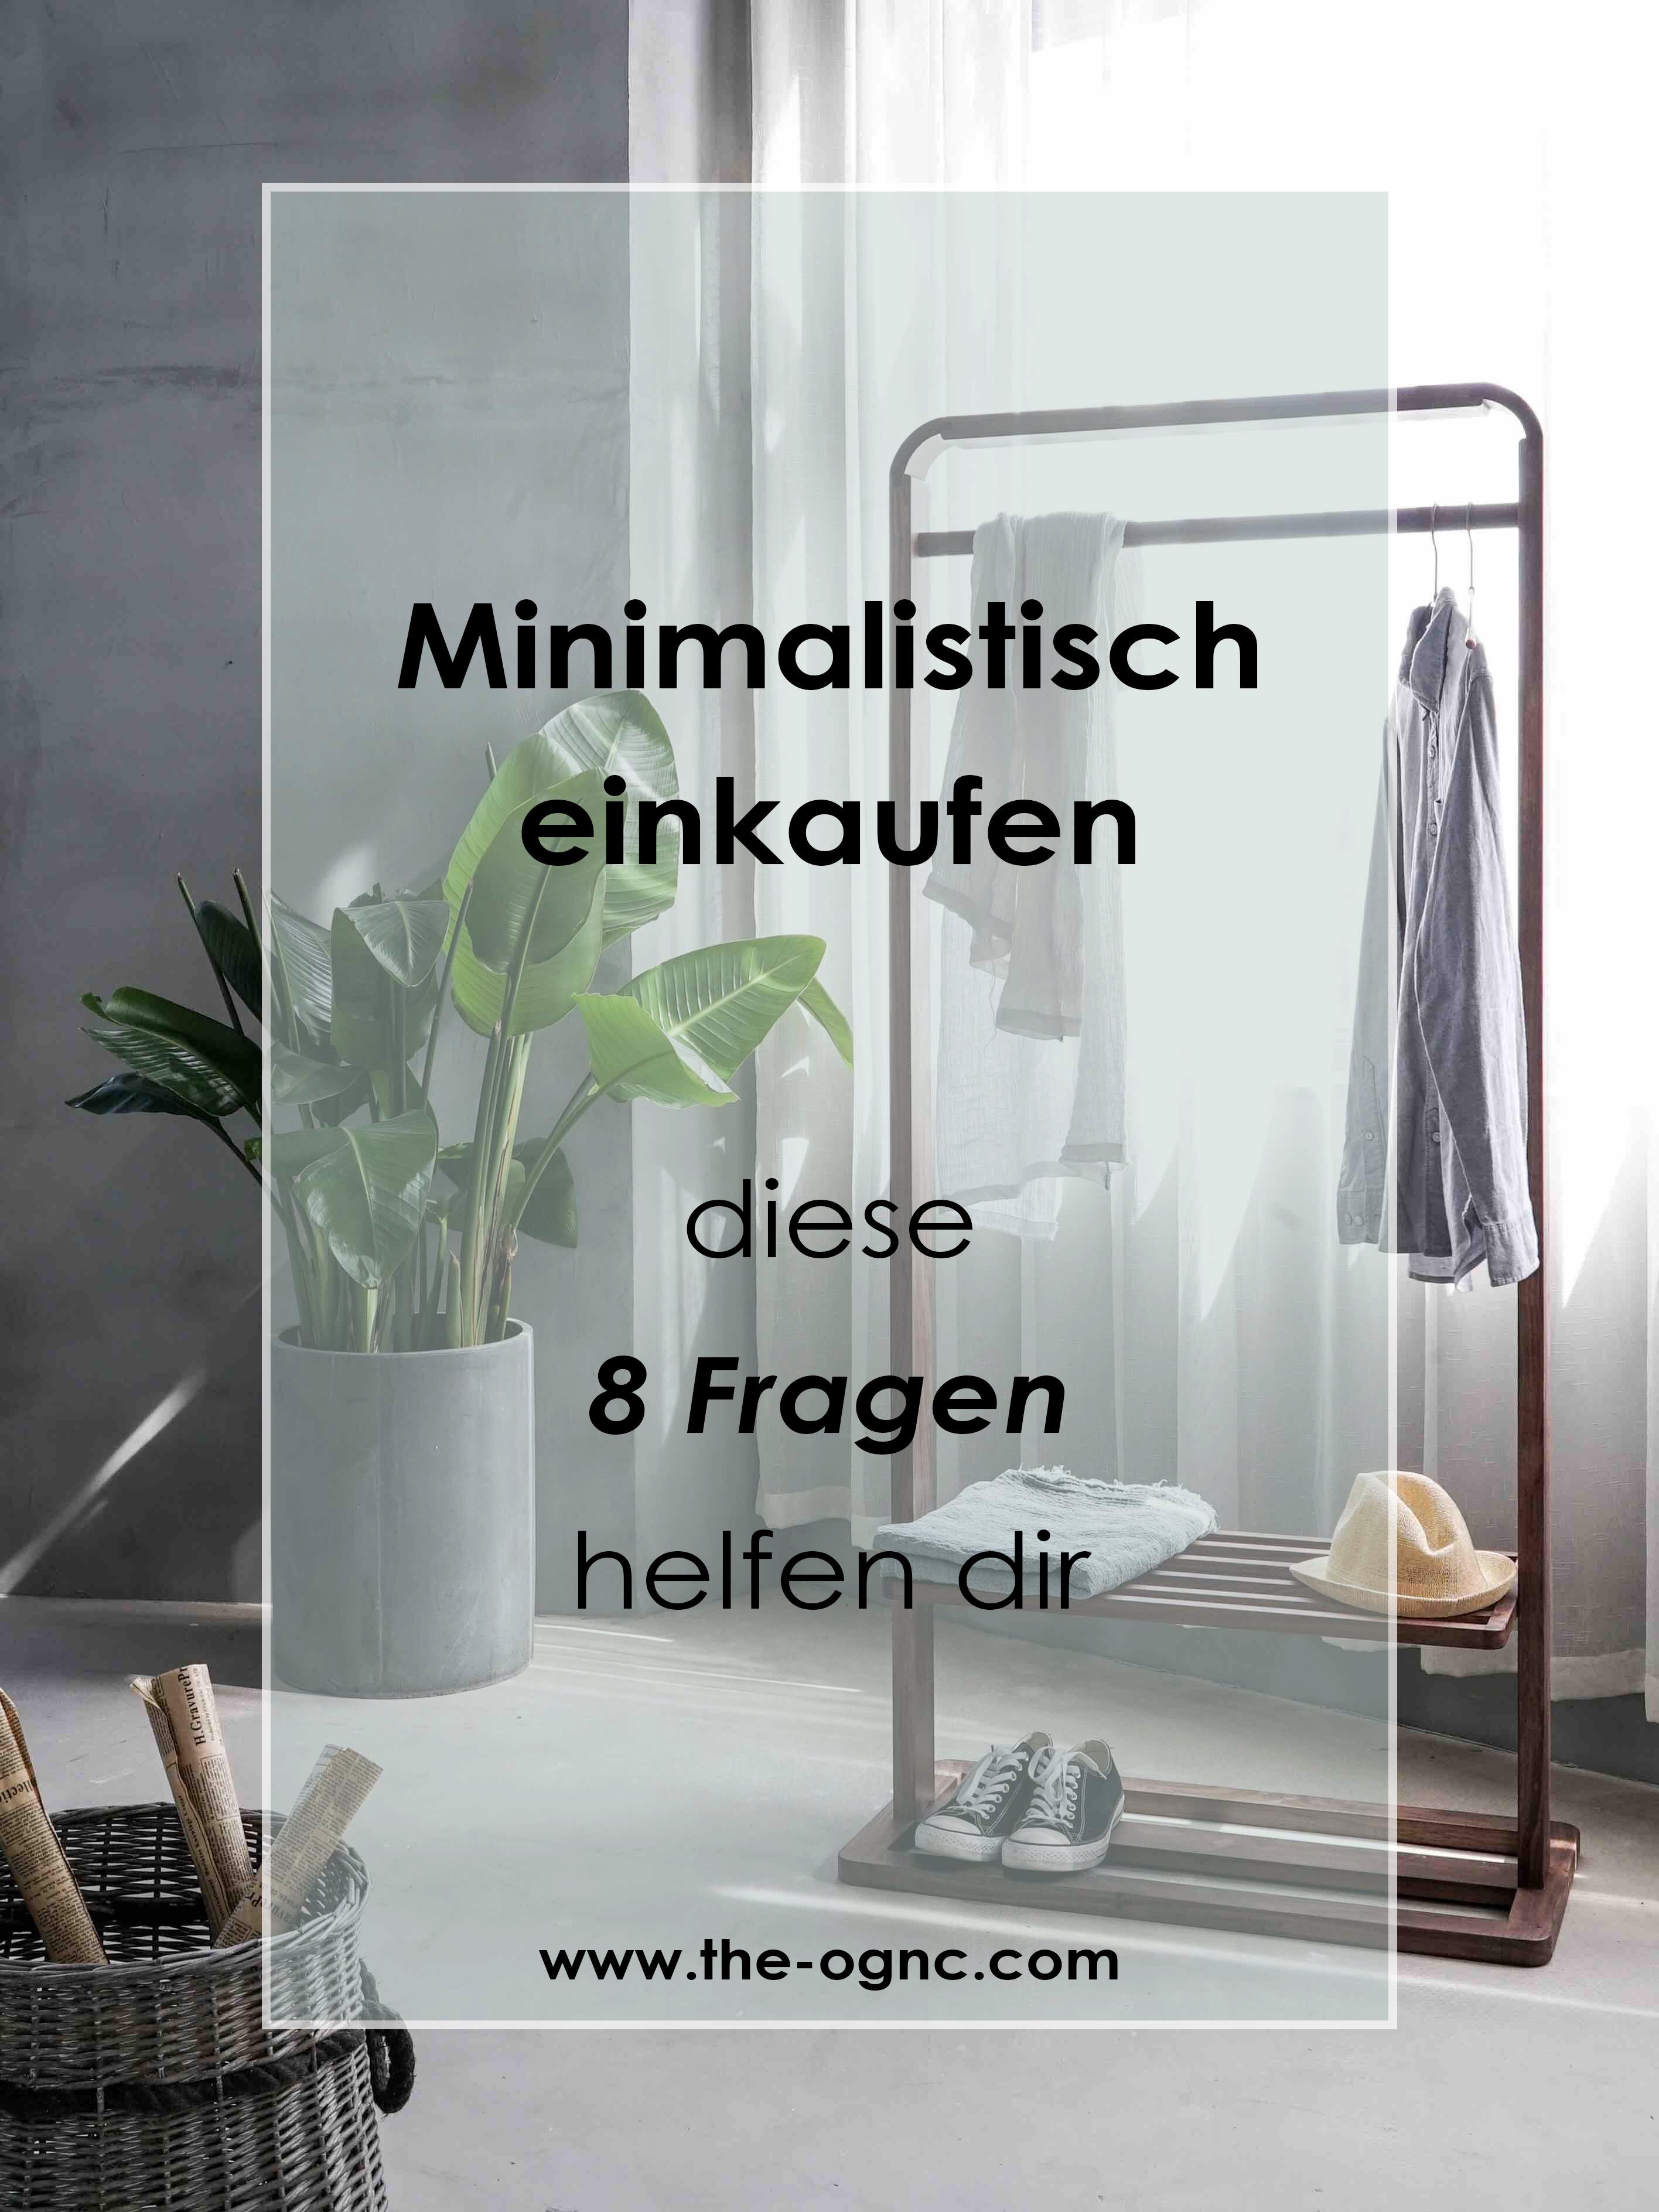 Minimalistisch einkaufen